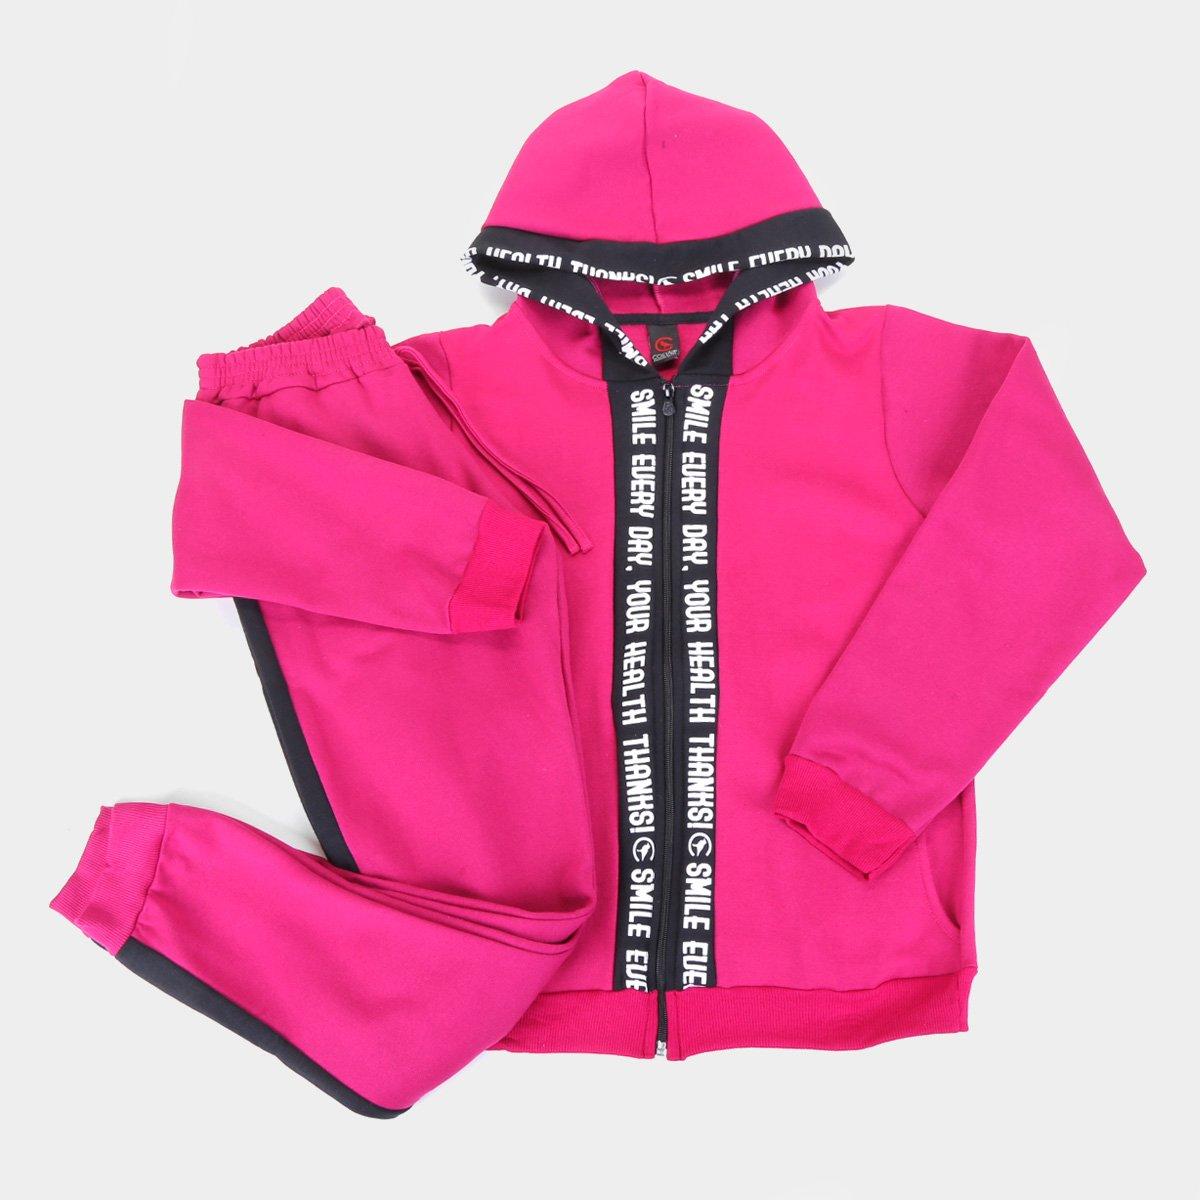 Conjunto Agasalho Infantil Costão Jaqueta Com Capuz E Calça Feminino